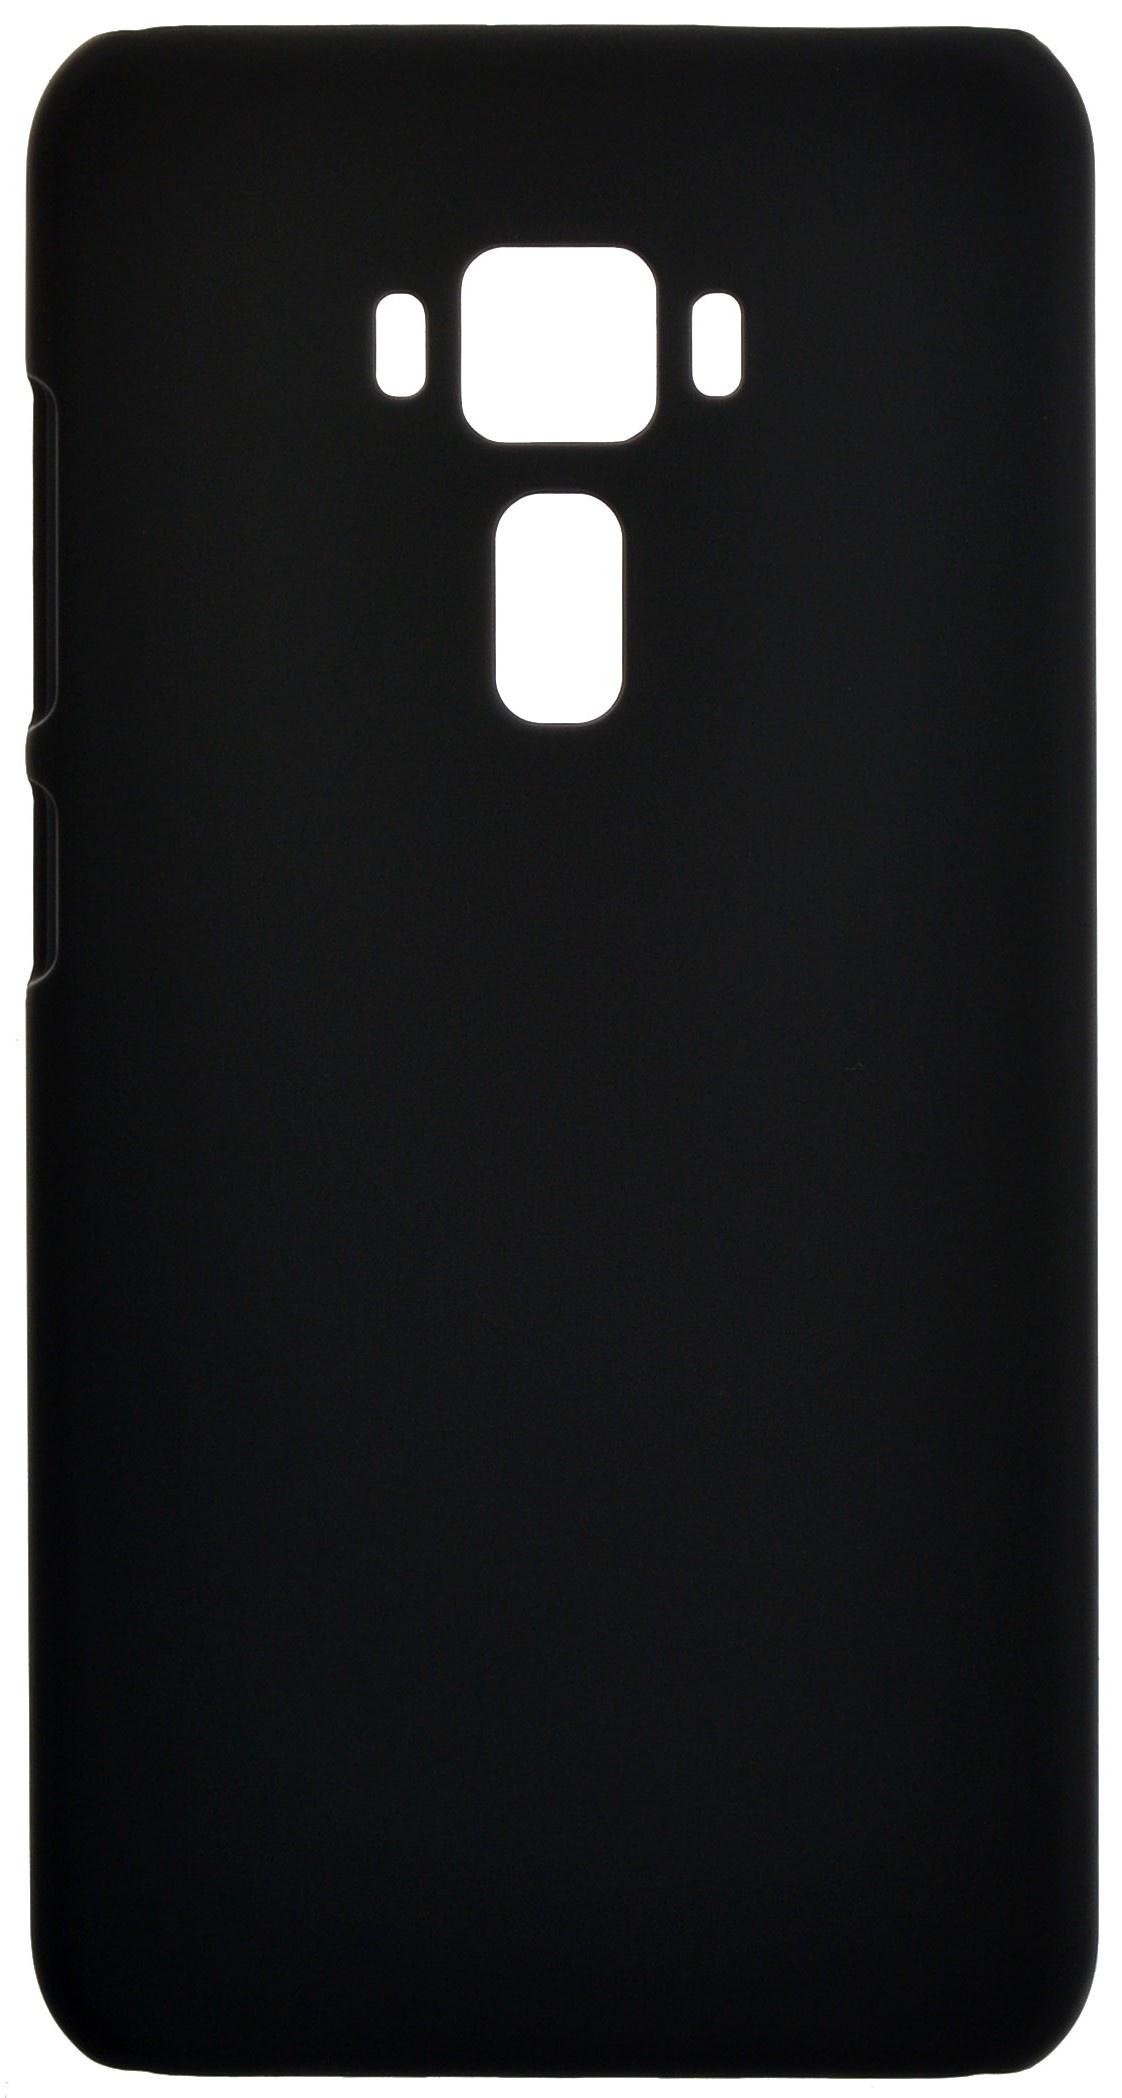 Чехол для сотового телефона skinBOX 4People, 4630042528284, черный все цены